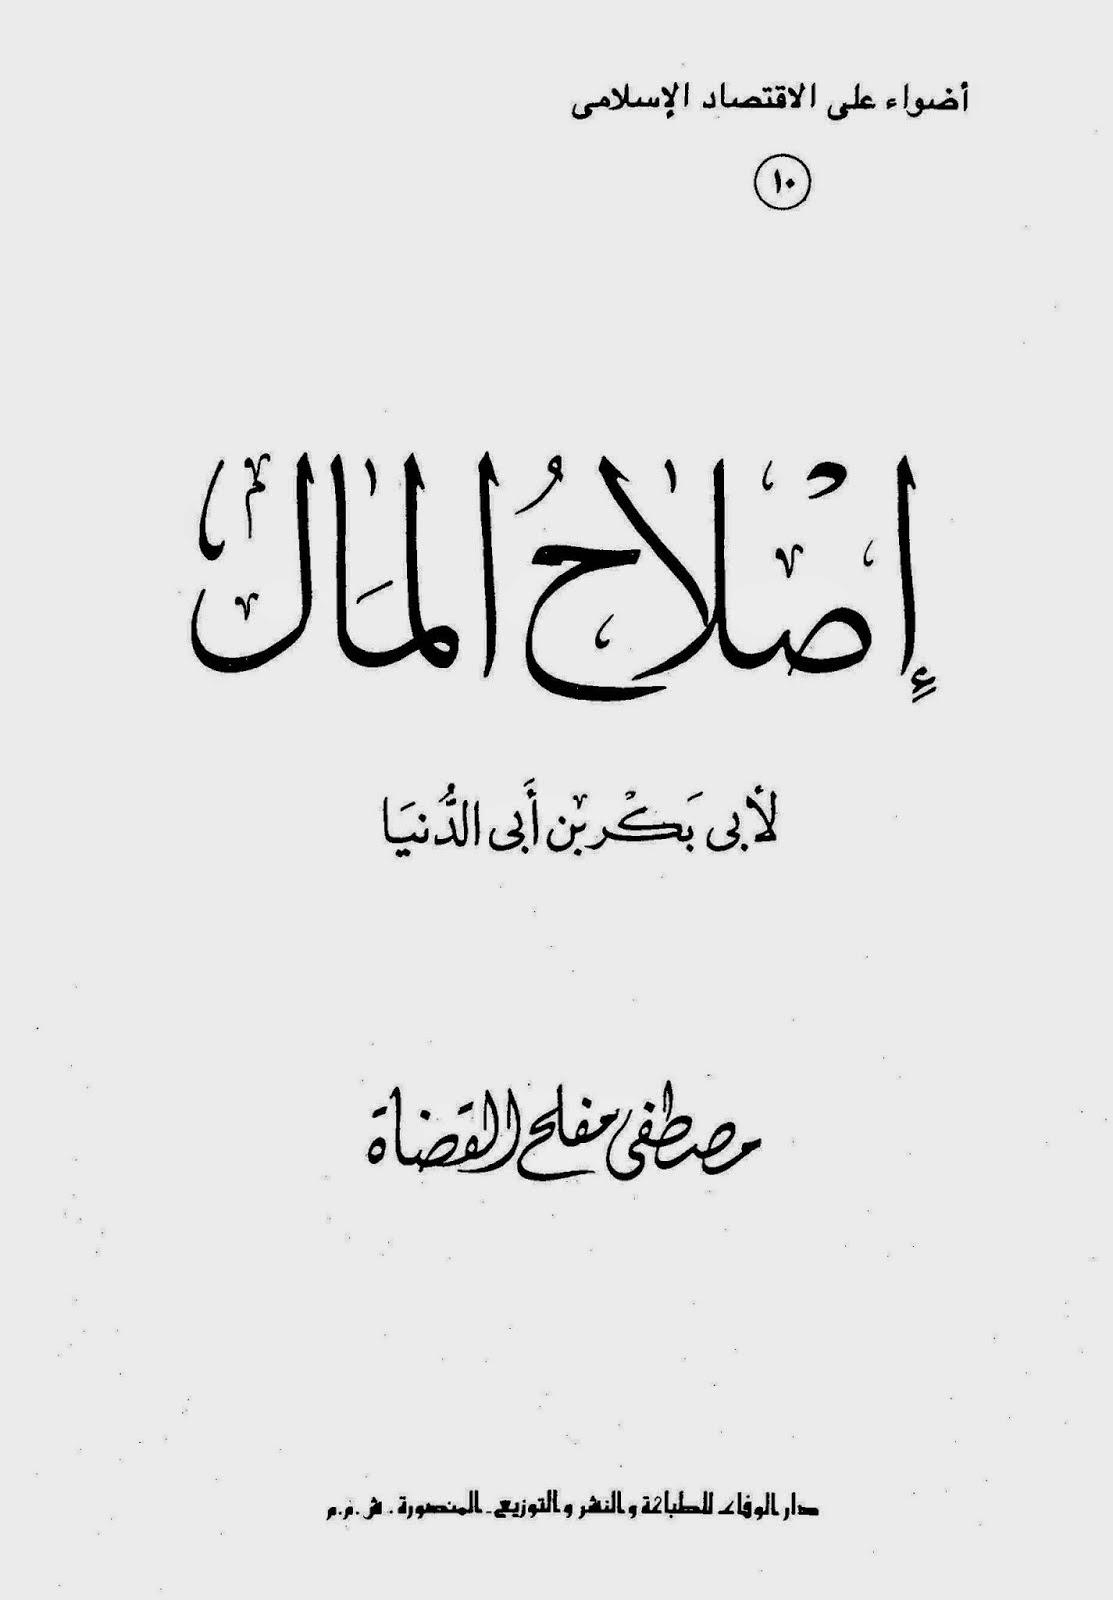 كتاب إصلاح المال - لابن أبي الدنيا